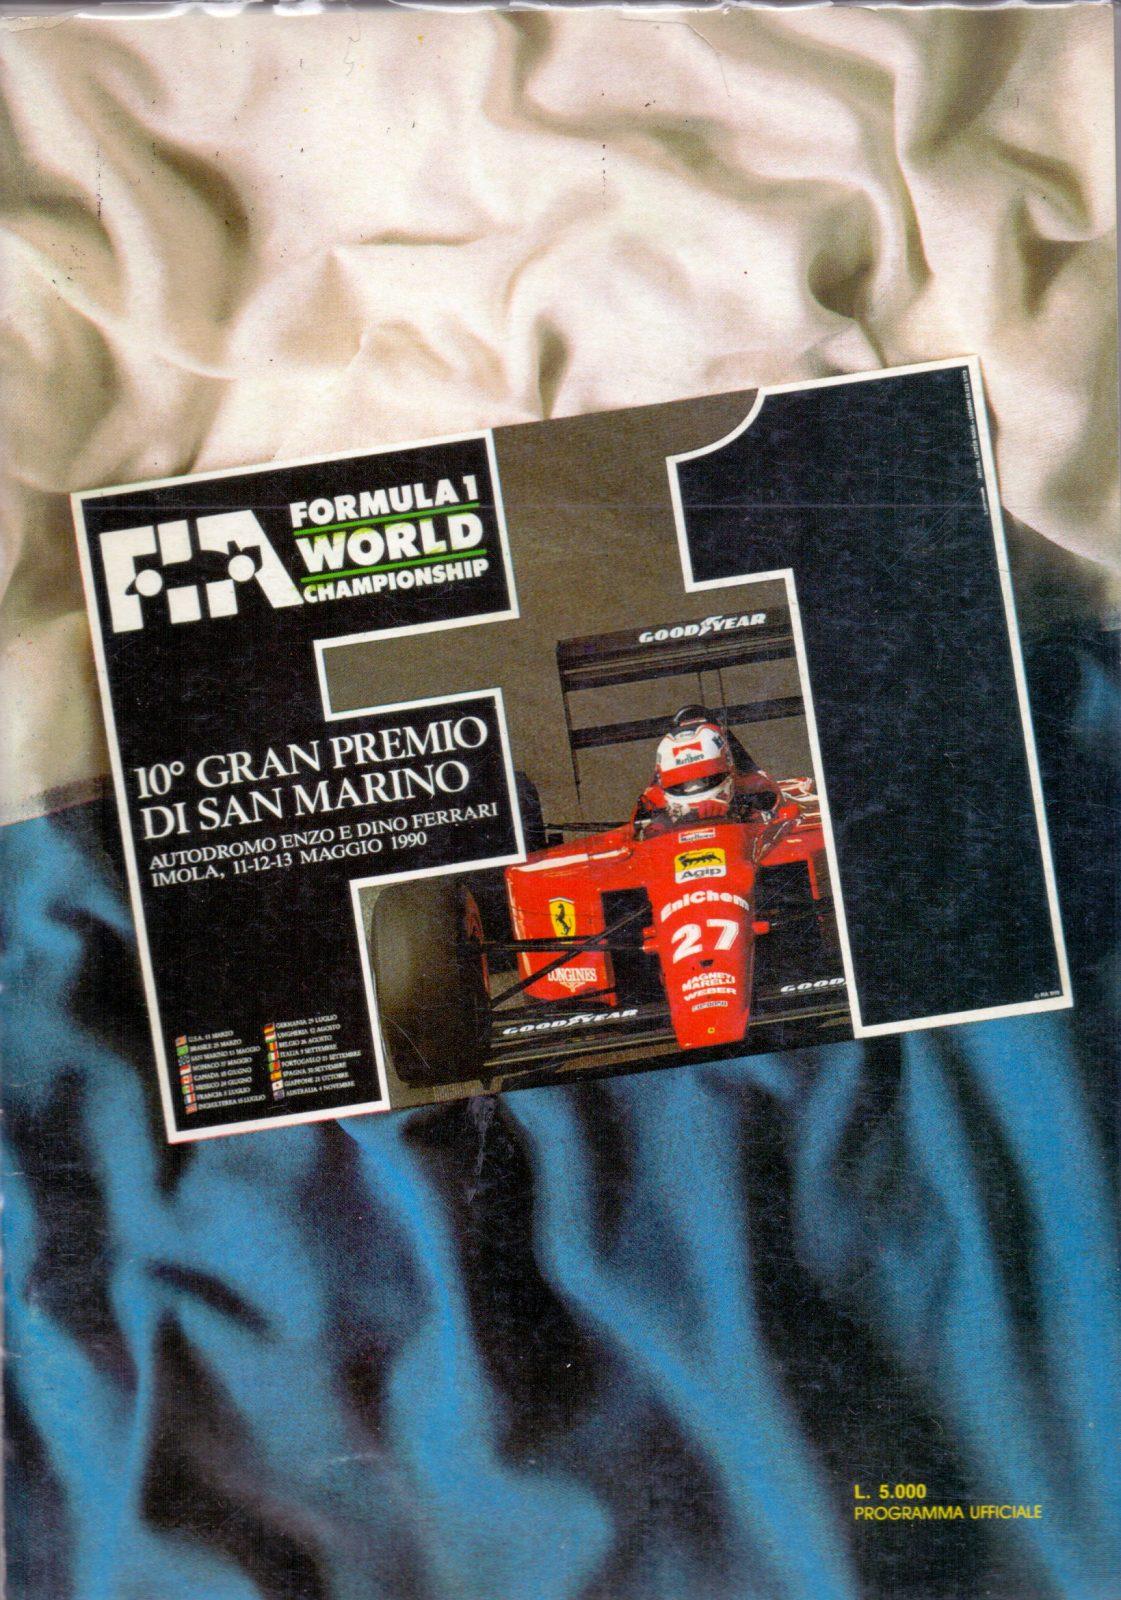 Offizielles Formel 1 Programm von Mai 1990